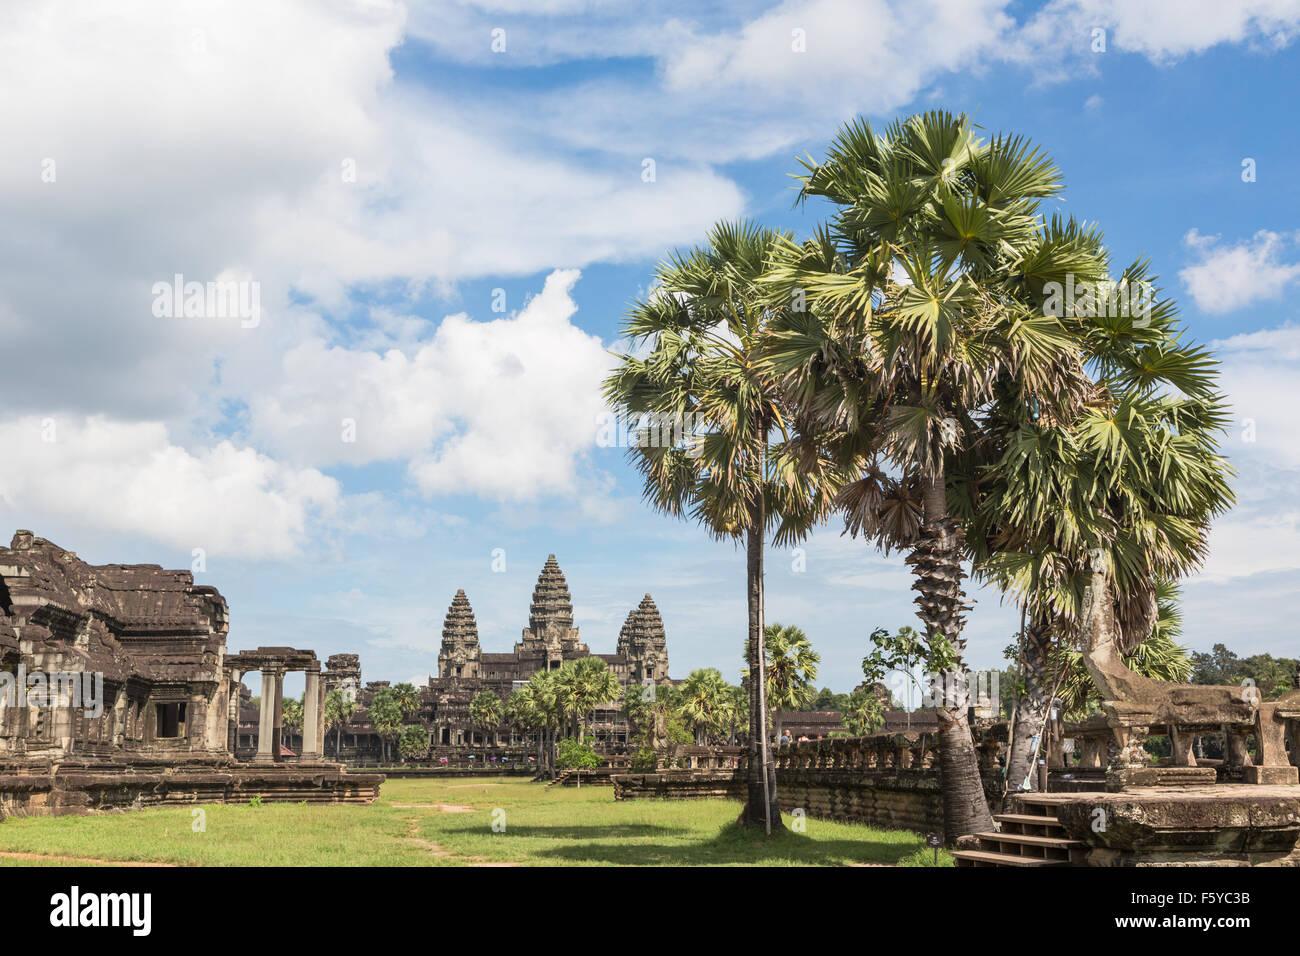 Angkor Wat est partie d'un magnifique complexe de temples et autres monument situé près de Siem Reap Photo Stock